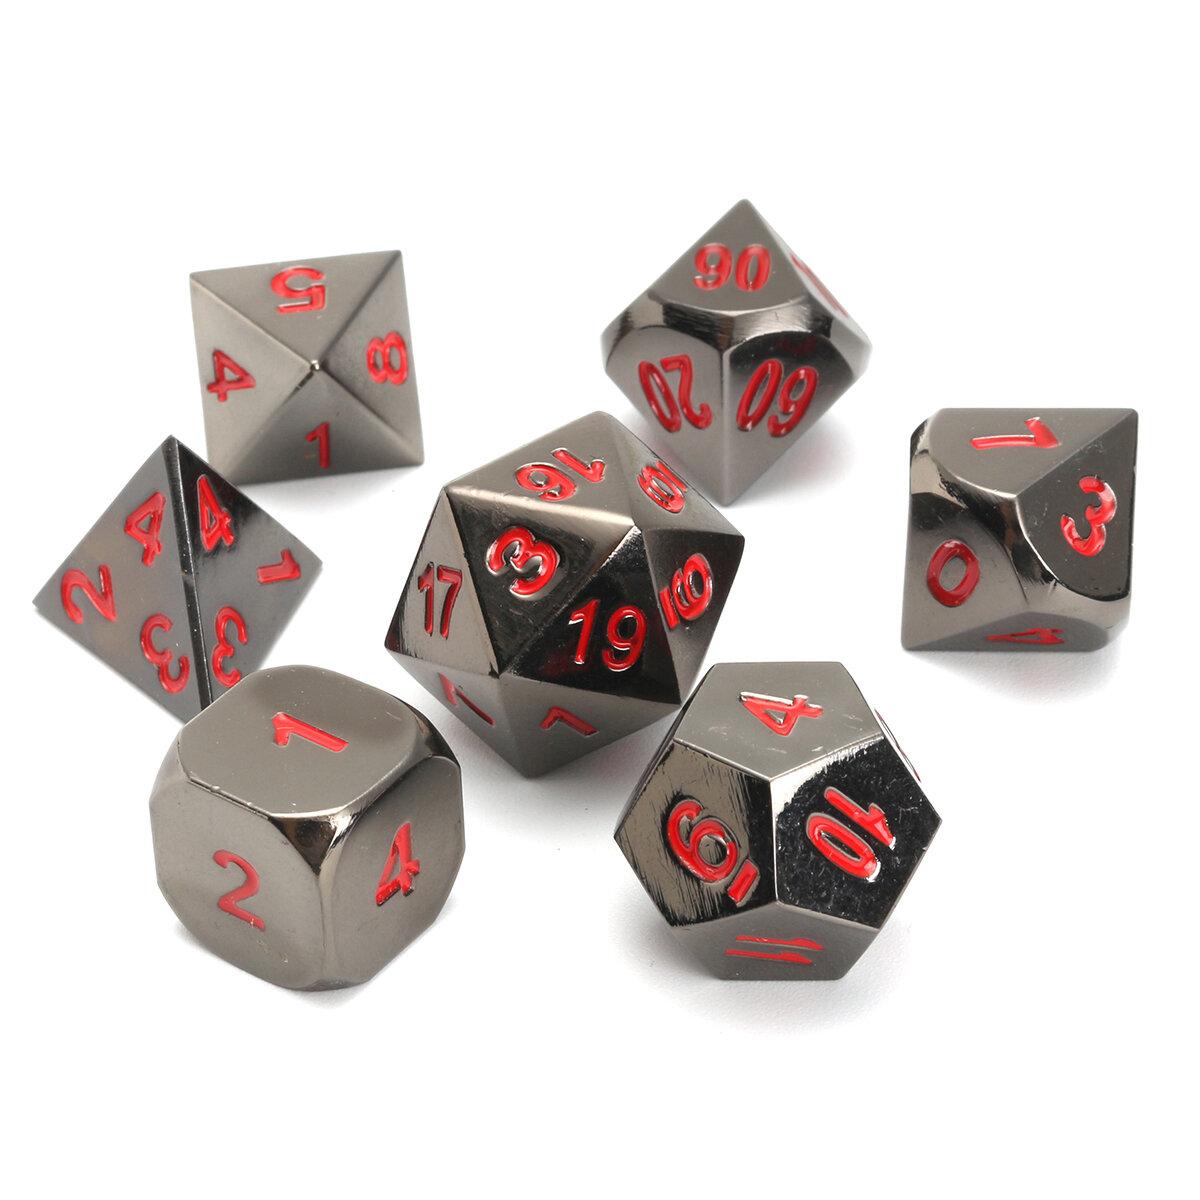 Nuovi dadi poliedrici in metallo con Borsa Green Red Set di 7 pezzi in metallo DnD RPG